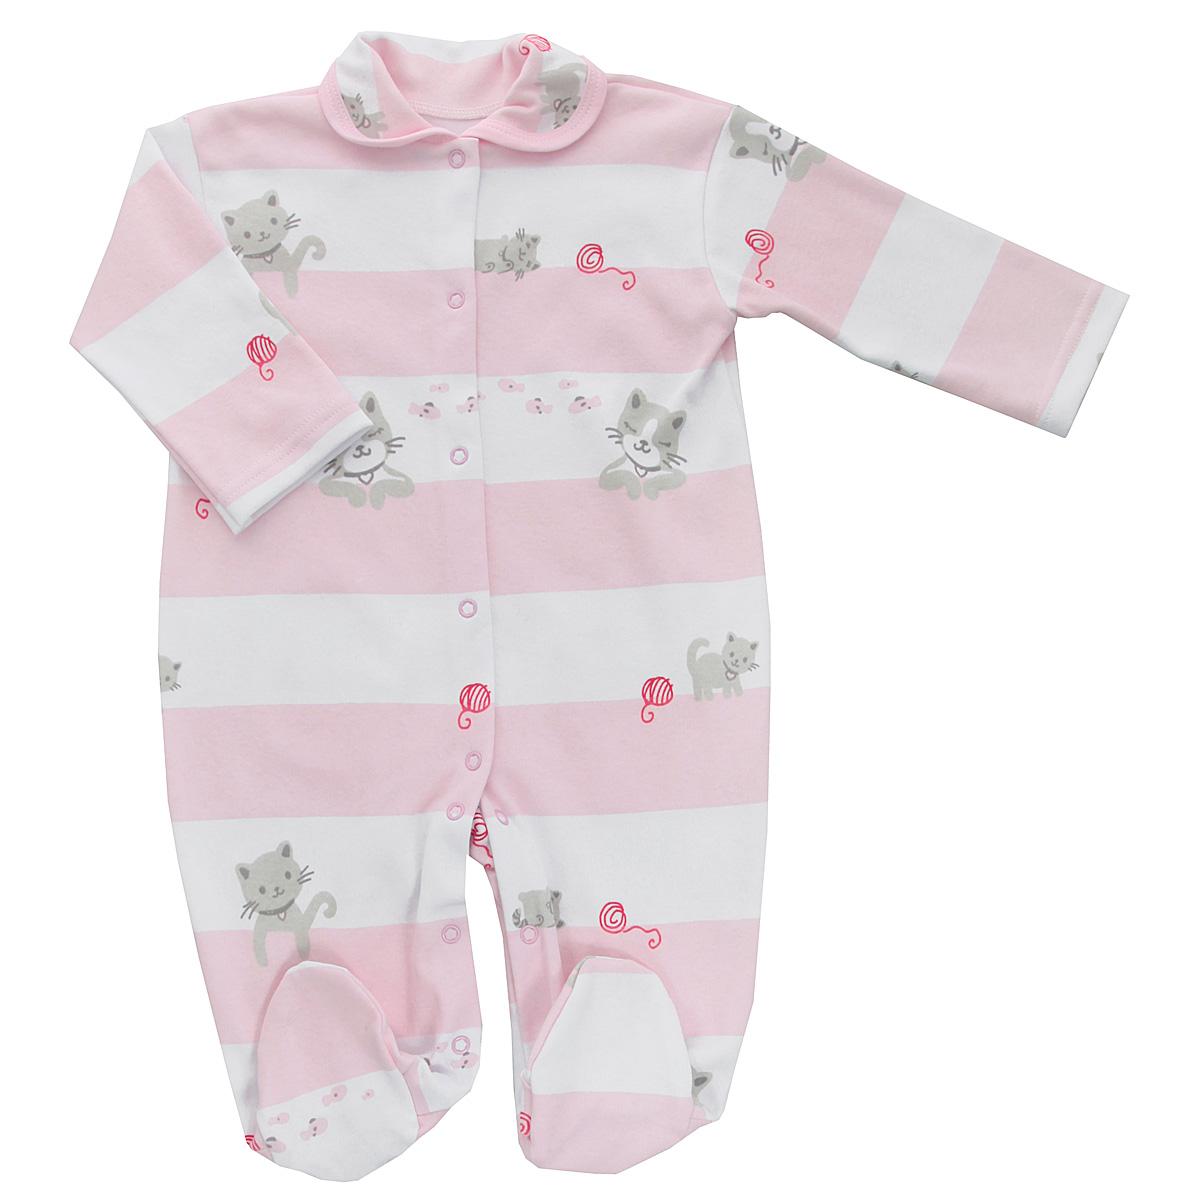 Комбинезон детский Трон-плюс, цвет: белый, розовый. 5815_котенок, полоска. Размер 68, 6 месяцев5815_котенок, полоскаДетский комбинезон Трон-Плюс - очень удобный и практичный вид одежды для малышей. Комбинезон выполнен из интерлока - натурального хлопка, благодаря чему он необычайно мягкий и приятный на ощупь, не раздражает нежную кожу ребенка, и хорошо вентилируются, а эластичные швы приятны телу младенца и не препятствуют его движениям. Комбинезон с длинными рукавами, закрытыми ножками и отложным воротничком имеет застежки-кнопки от горловины до щиколоток, которые помогают легко переодеть ребенка или сменить подгузник. Воротник по краю дополнен контрастной бейкой. Оформлено изделие принтом в полоску, а также изображениями котят. С детским комбинезоном спинка и ножки вашего крохи всегда будут в тепле, он идеален для использования днем и незаменим ночью. Комбинезон полностью соответствует особенностям жизни младенца в ранний период, не стесняя и не ограничивая его в движениях!